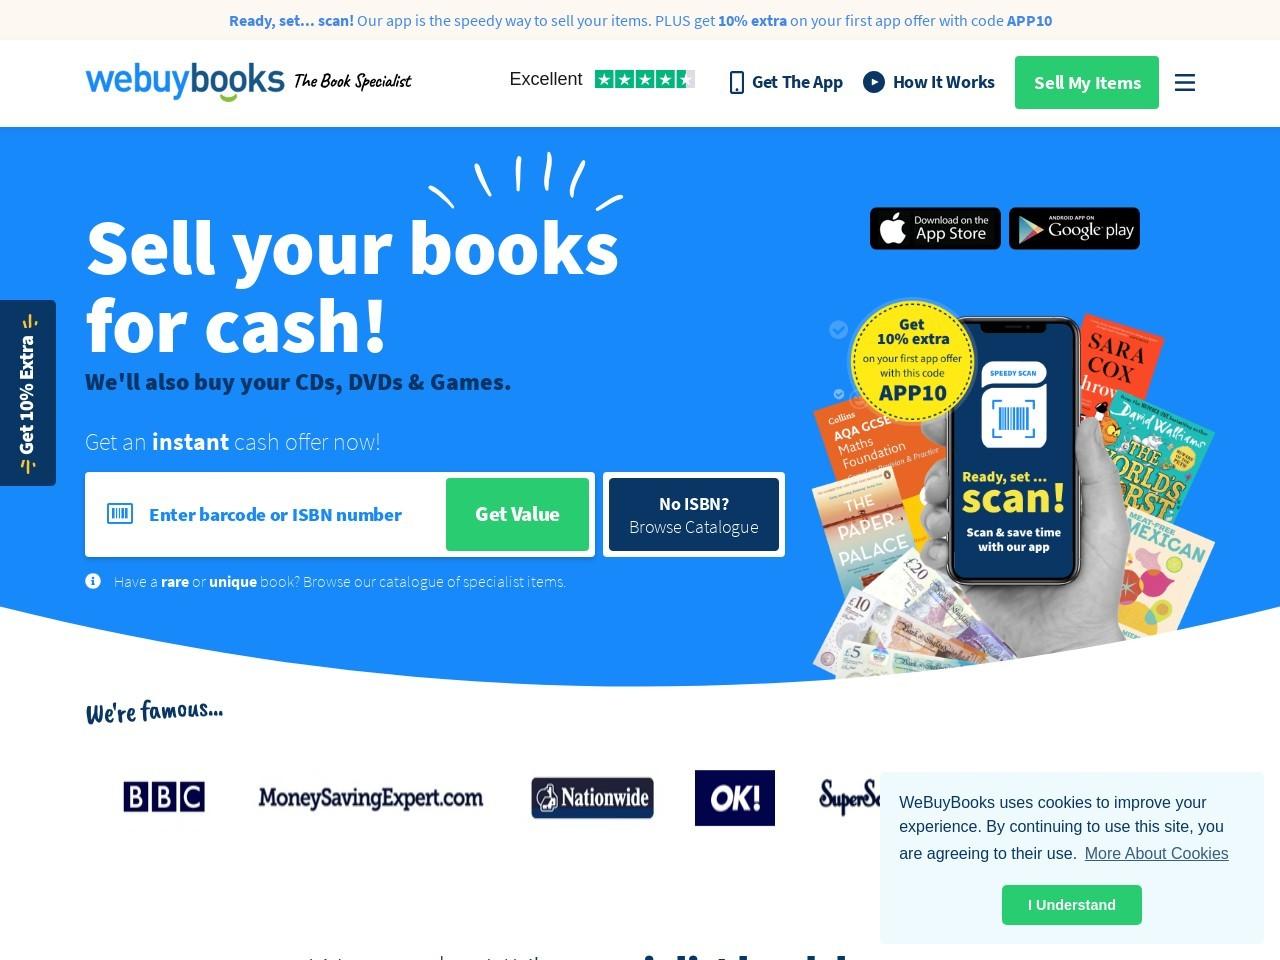 webuybooks.co.uk